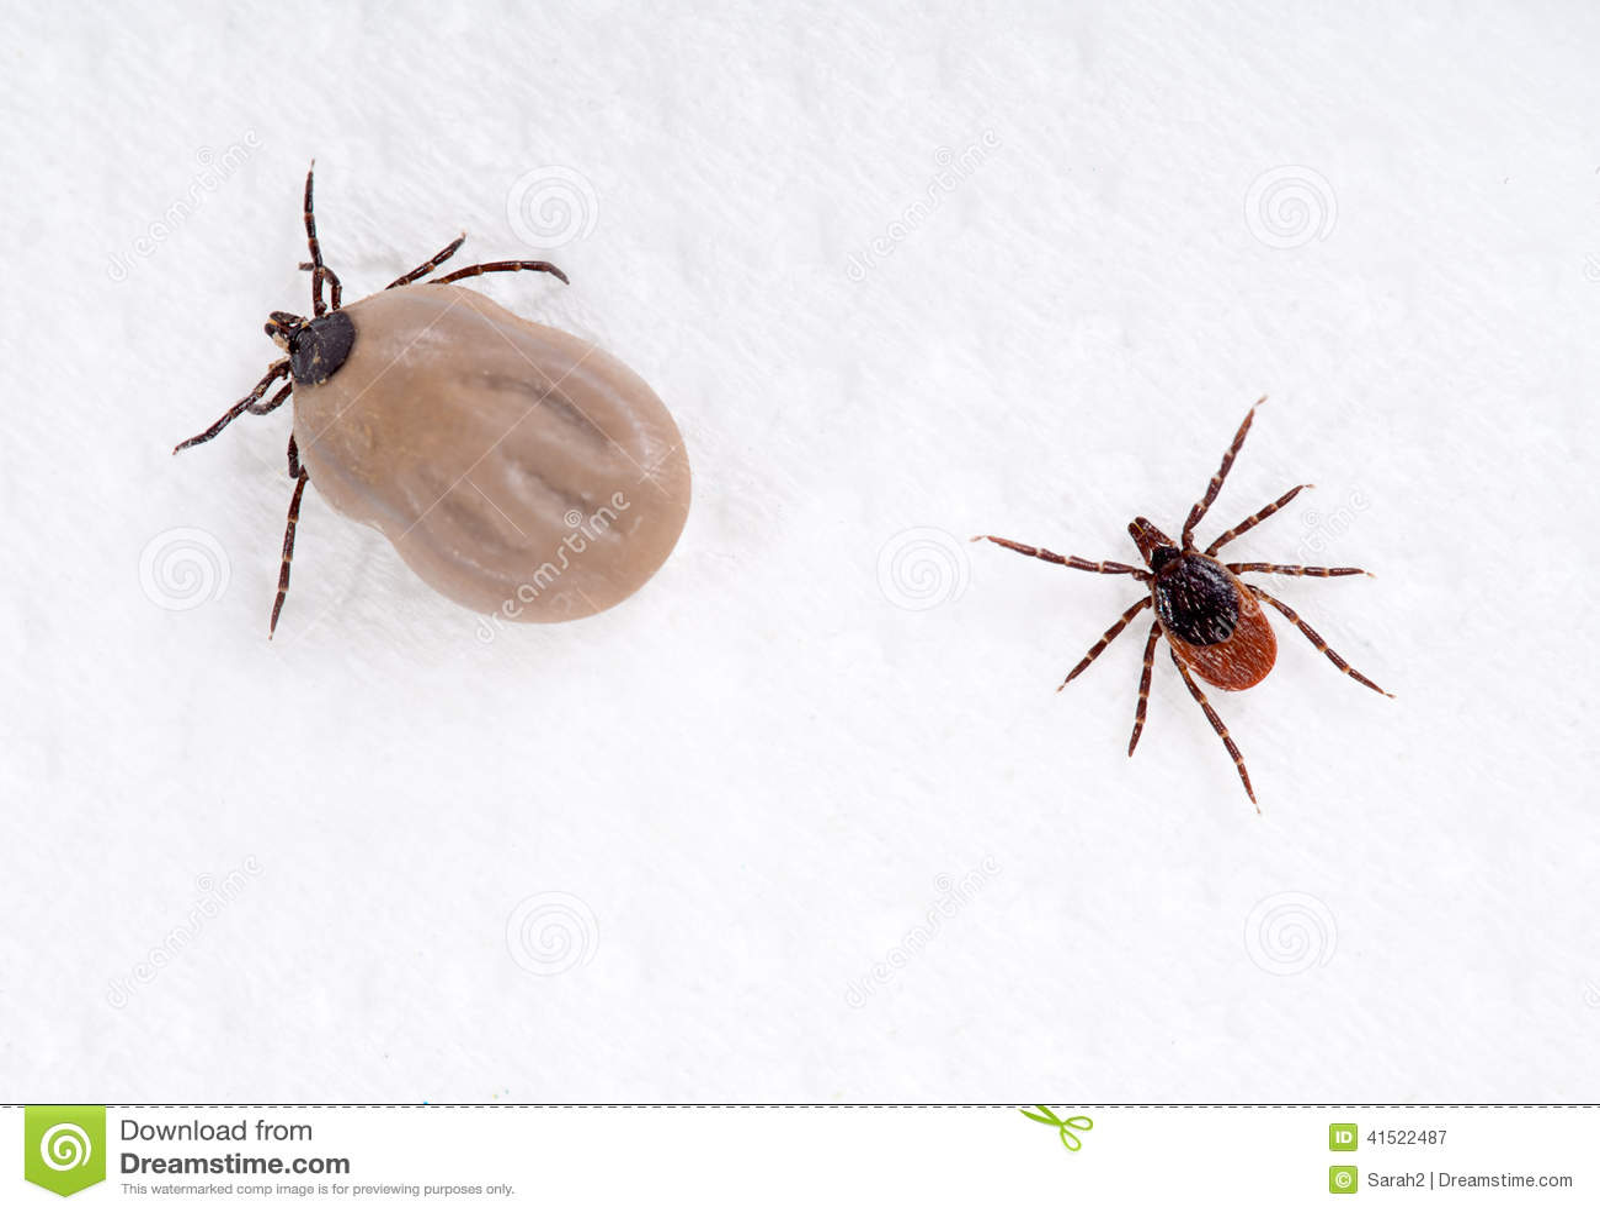 dog ticks vs deer ticks